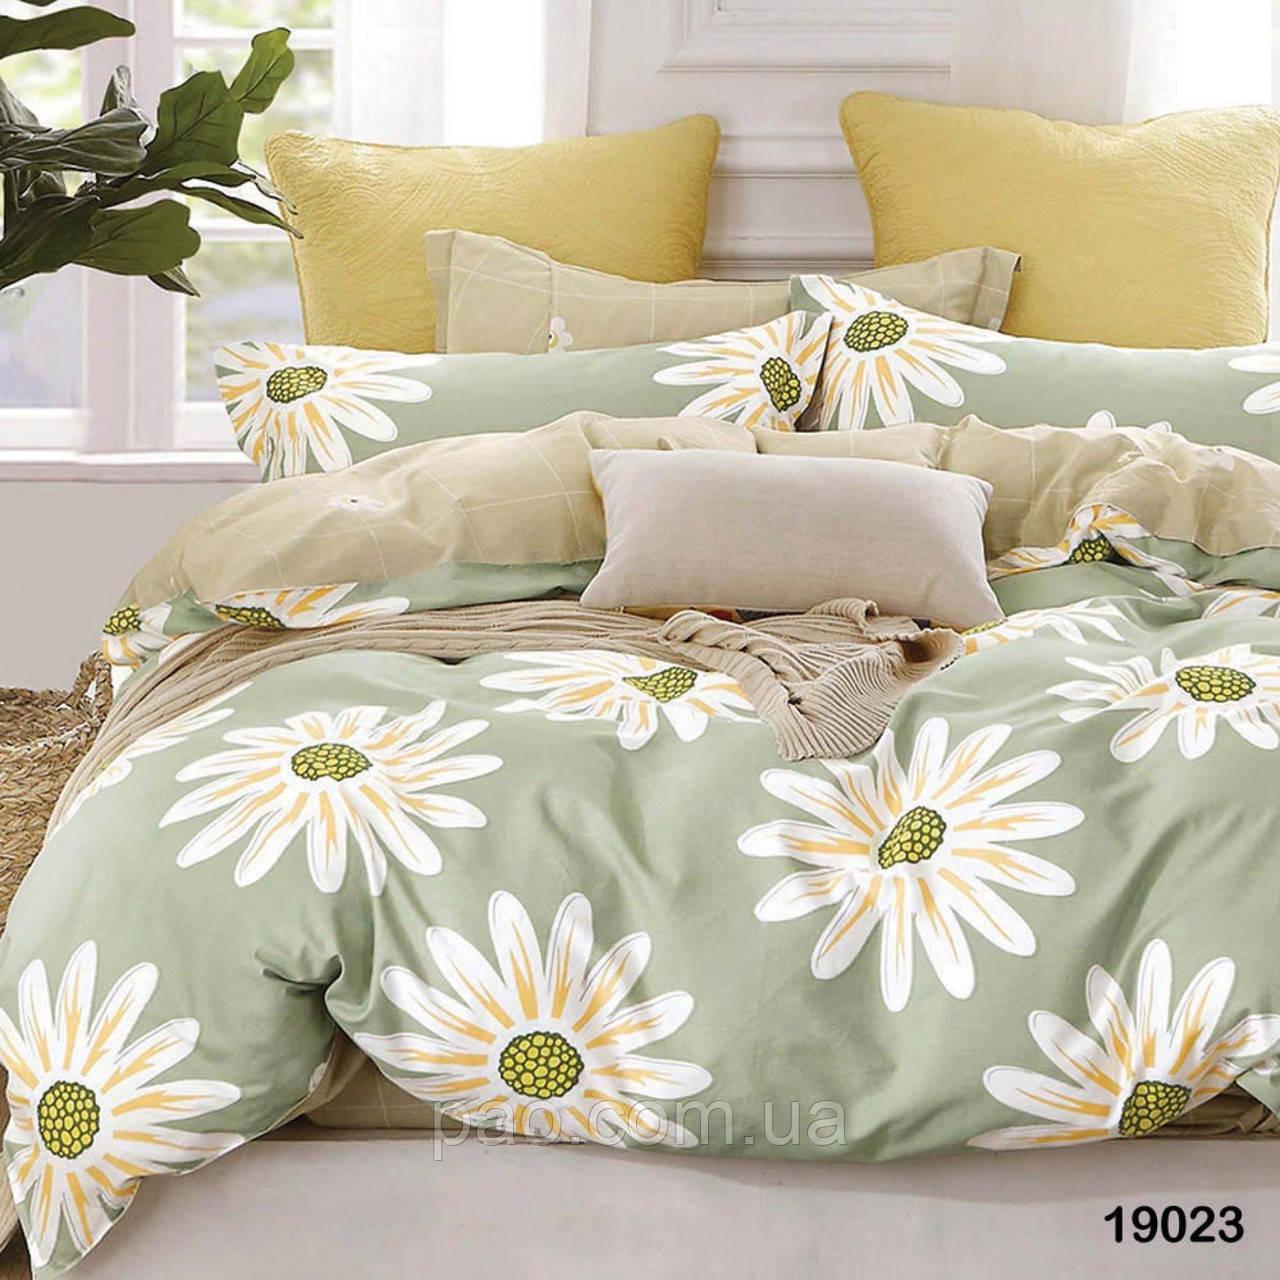 Постельное белье Ромашка, ранфорс, 2-спальный набор